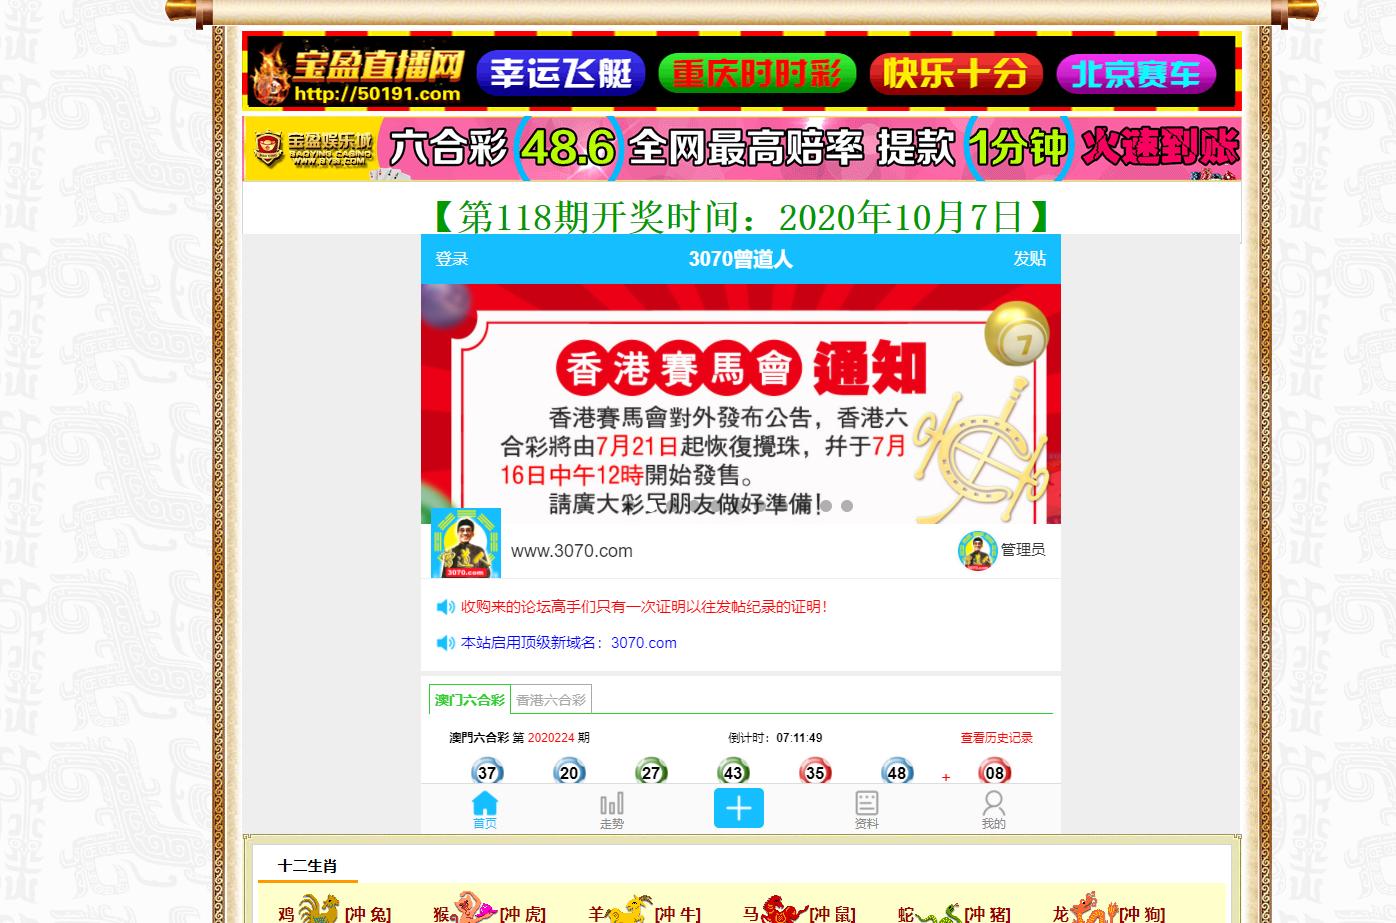 刘和论坛源码带采集很多人都在找的这种开奖源码|刘伯温论坛源码